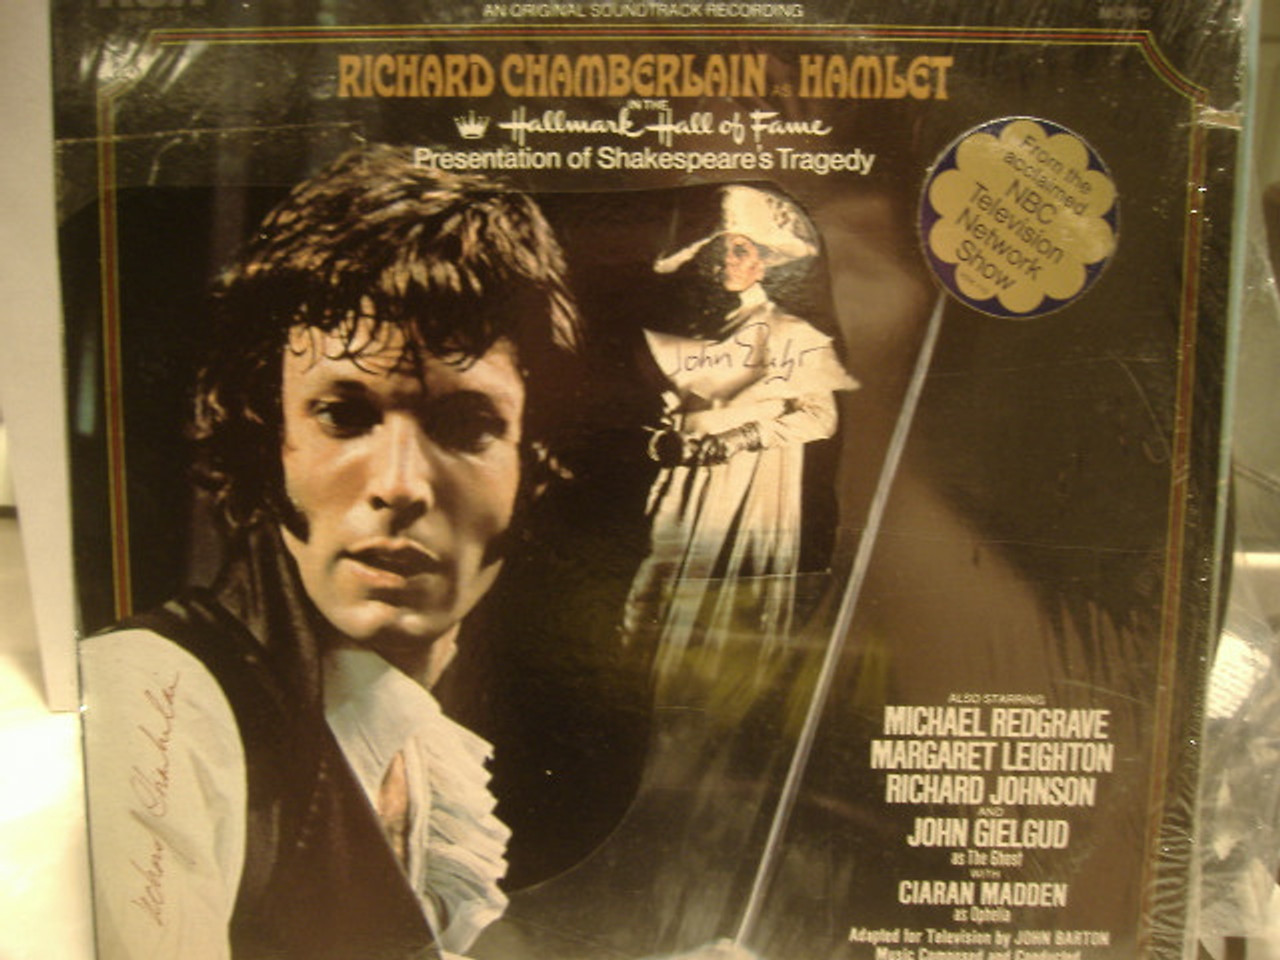 Chamberlain, Richard John Gielgud LP Signed Autograph Sealed Hamlet